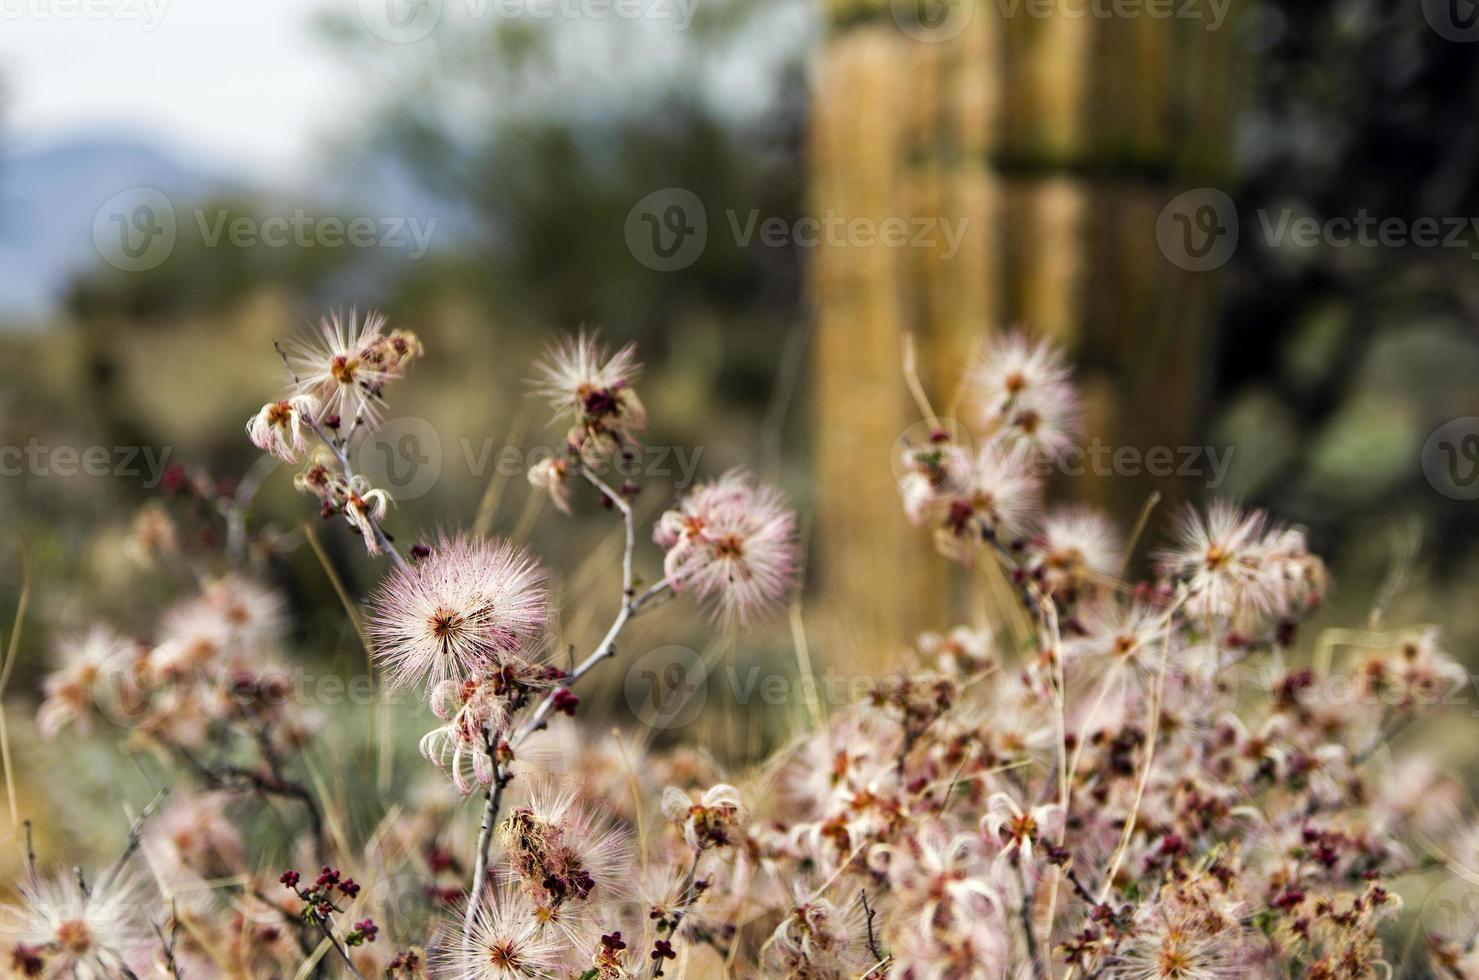 wilde bloemen in het nationaal park saguaro, tucson, arizona foto